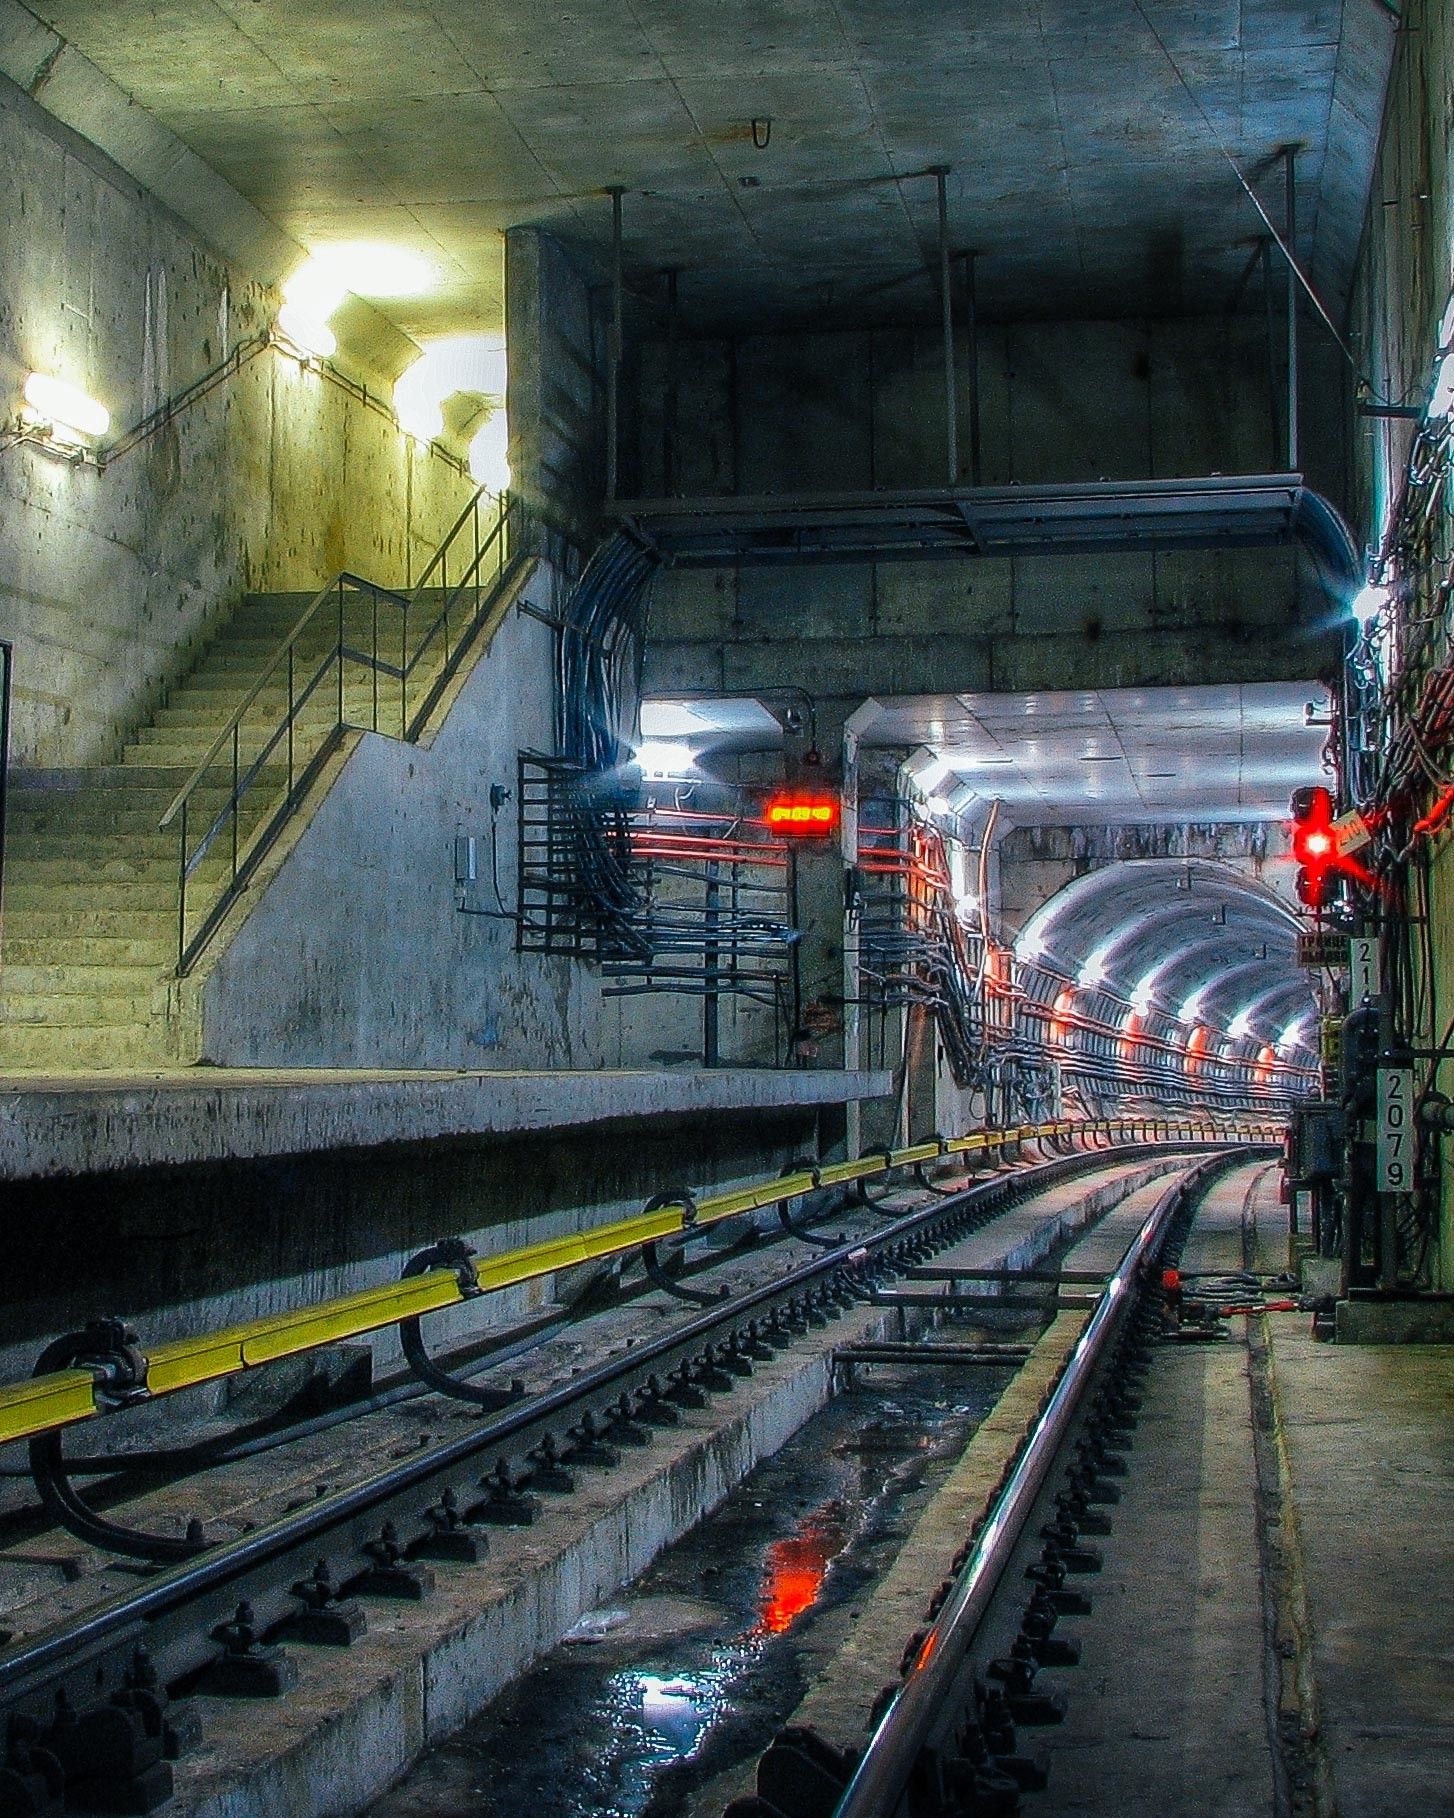 Con i suoi 26 metri di lunghezza, la piattaforma della fermata